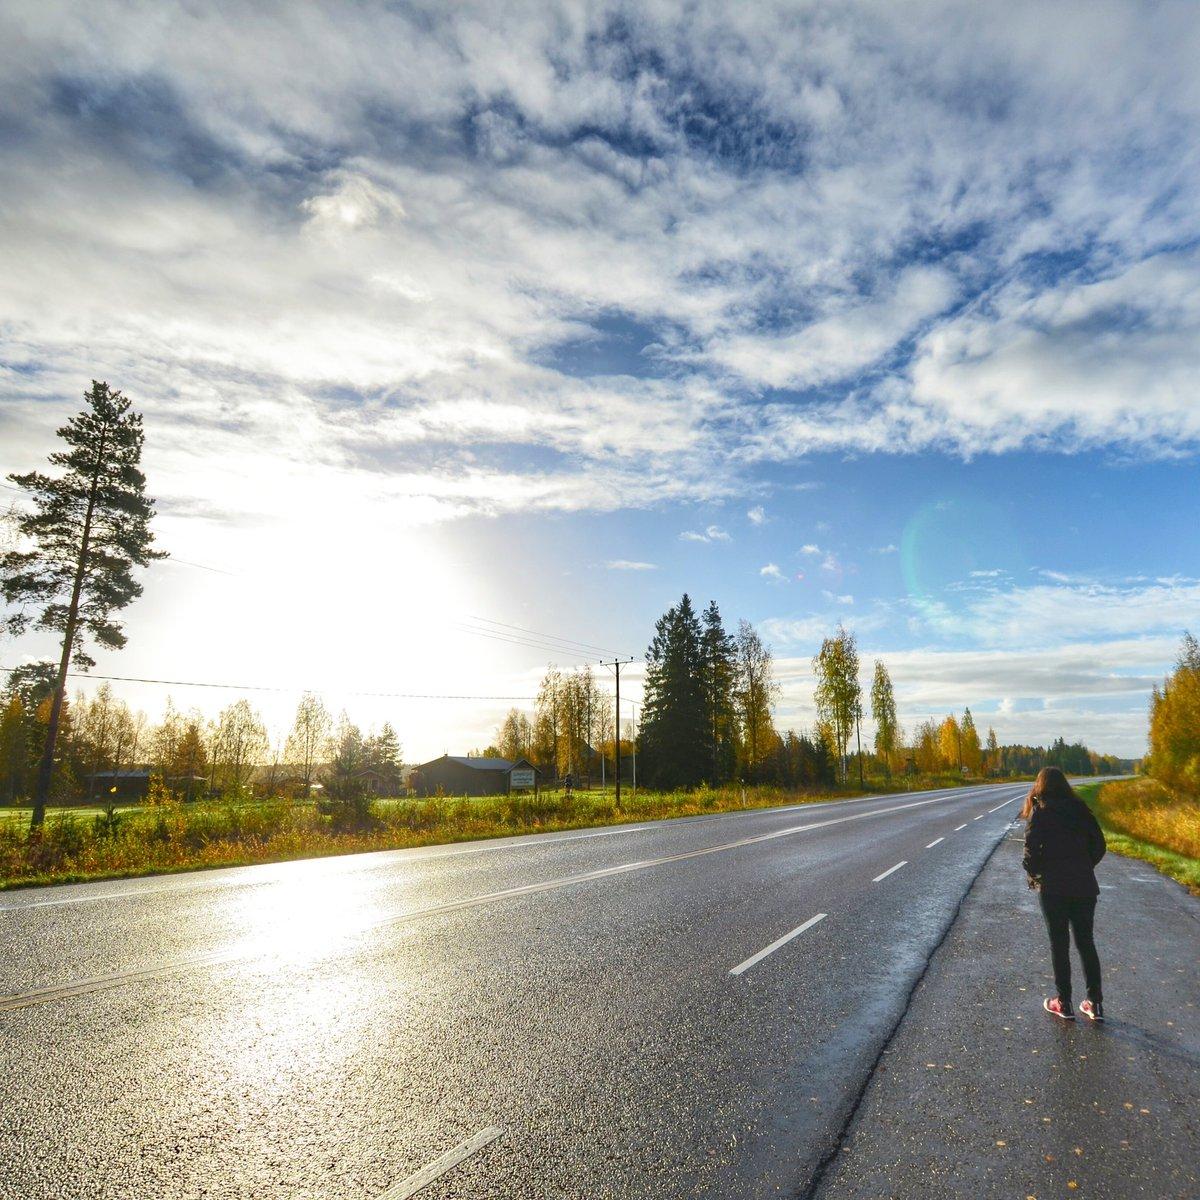 J-10 avant de retourner en Finlande pour la 3e fois et découvrir la Laponie!  So excited ! #finland #finlande #lapland #finnish<br>http://pic.twitter.com/4ZmMcf5F4k